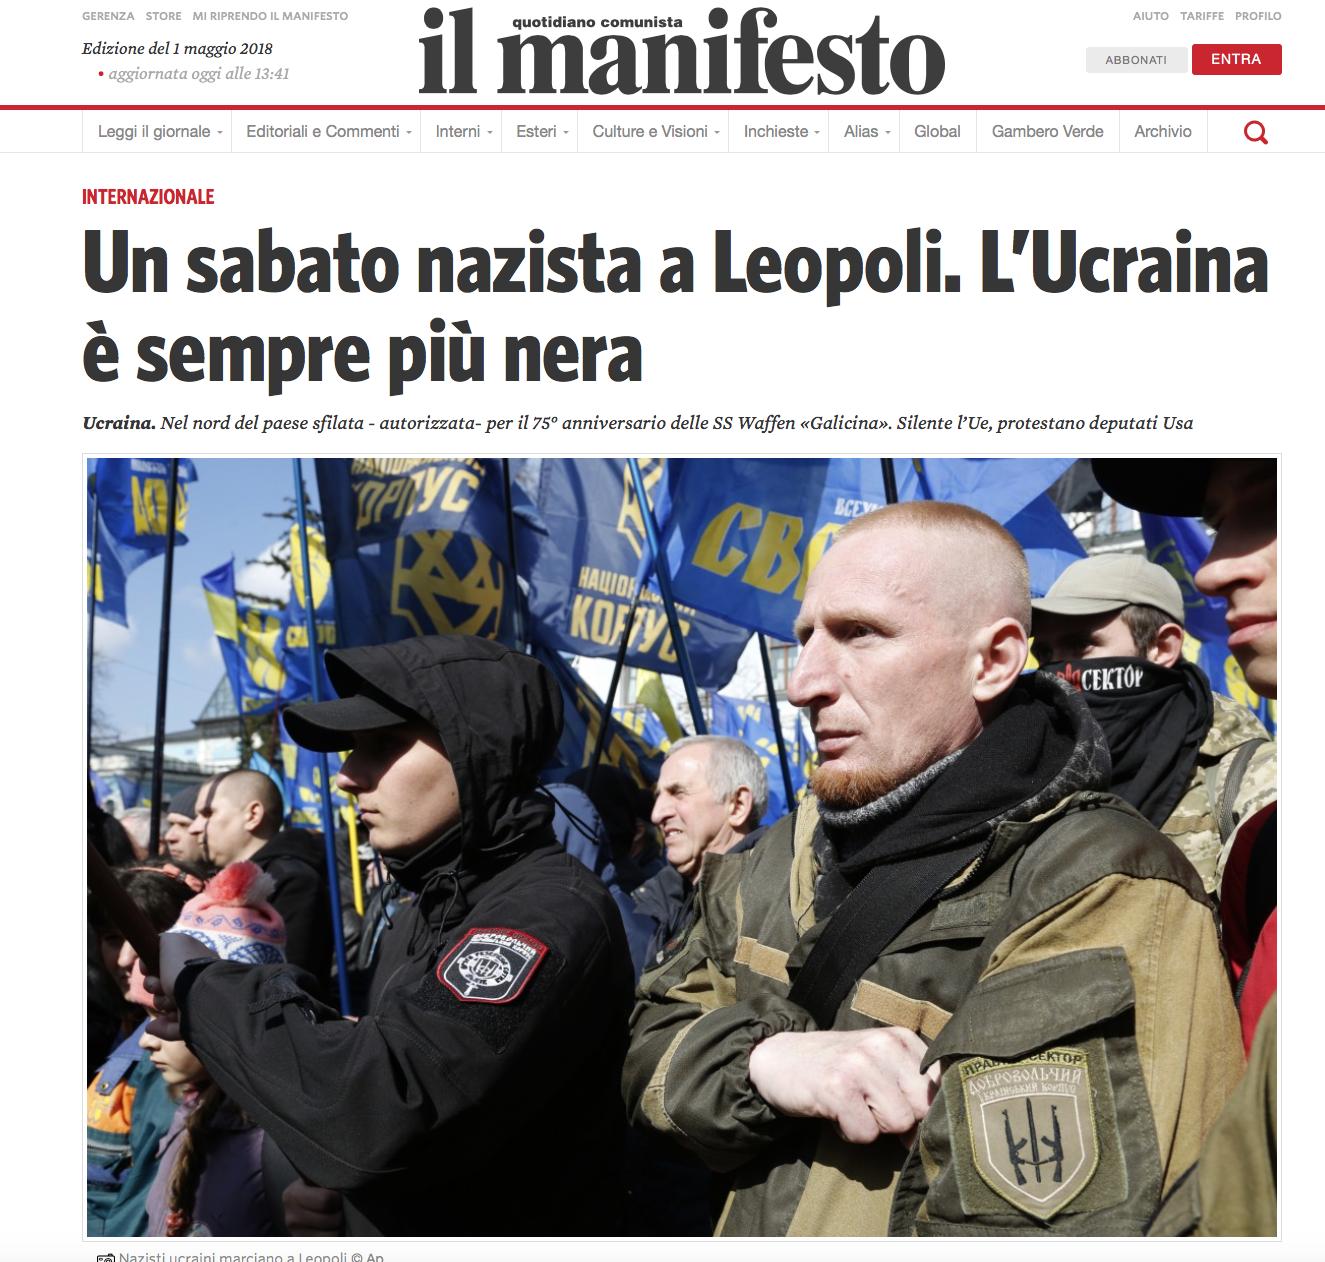 Fake manifesto ucraini nazisti